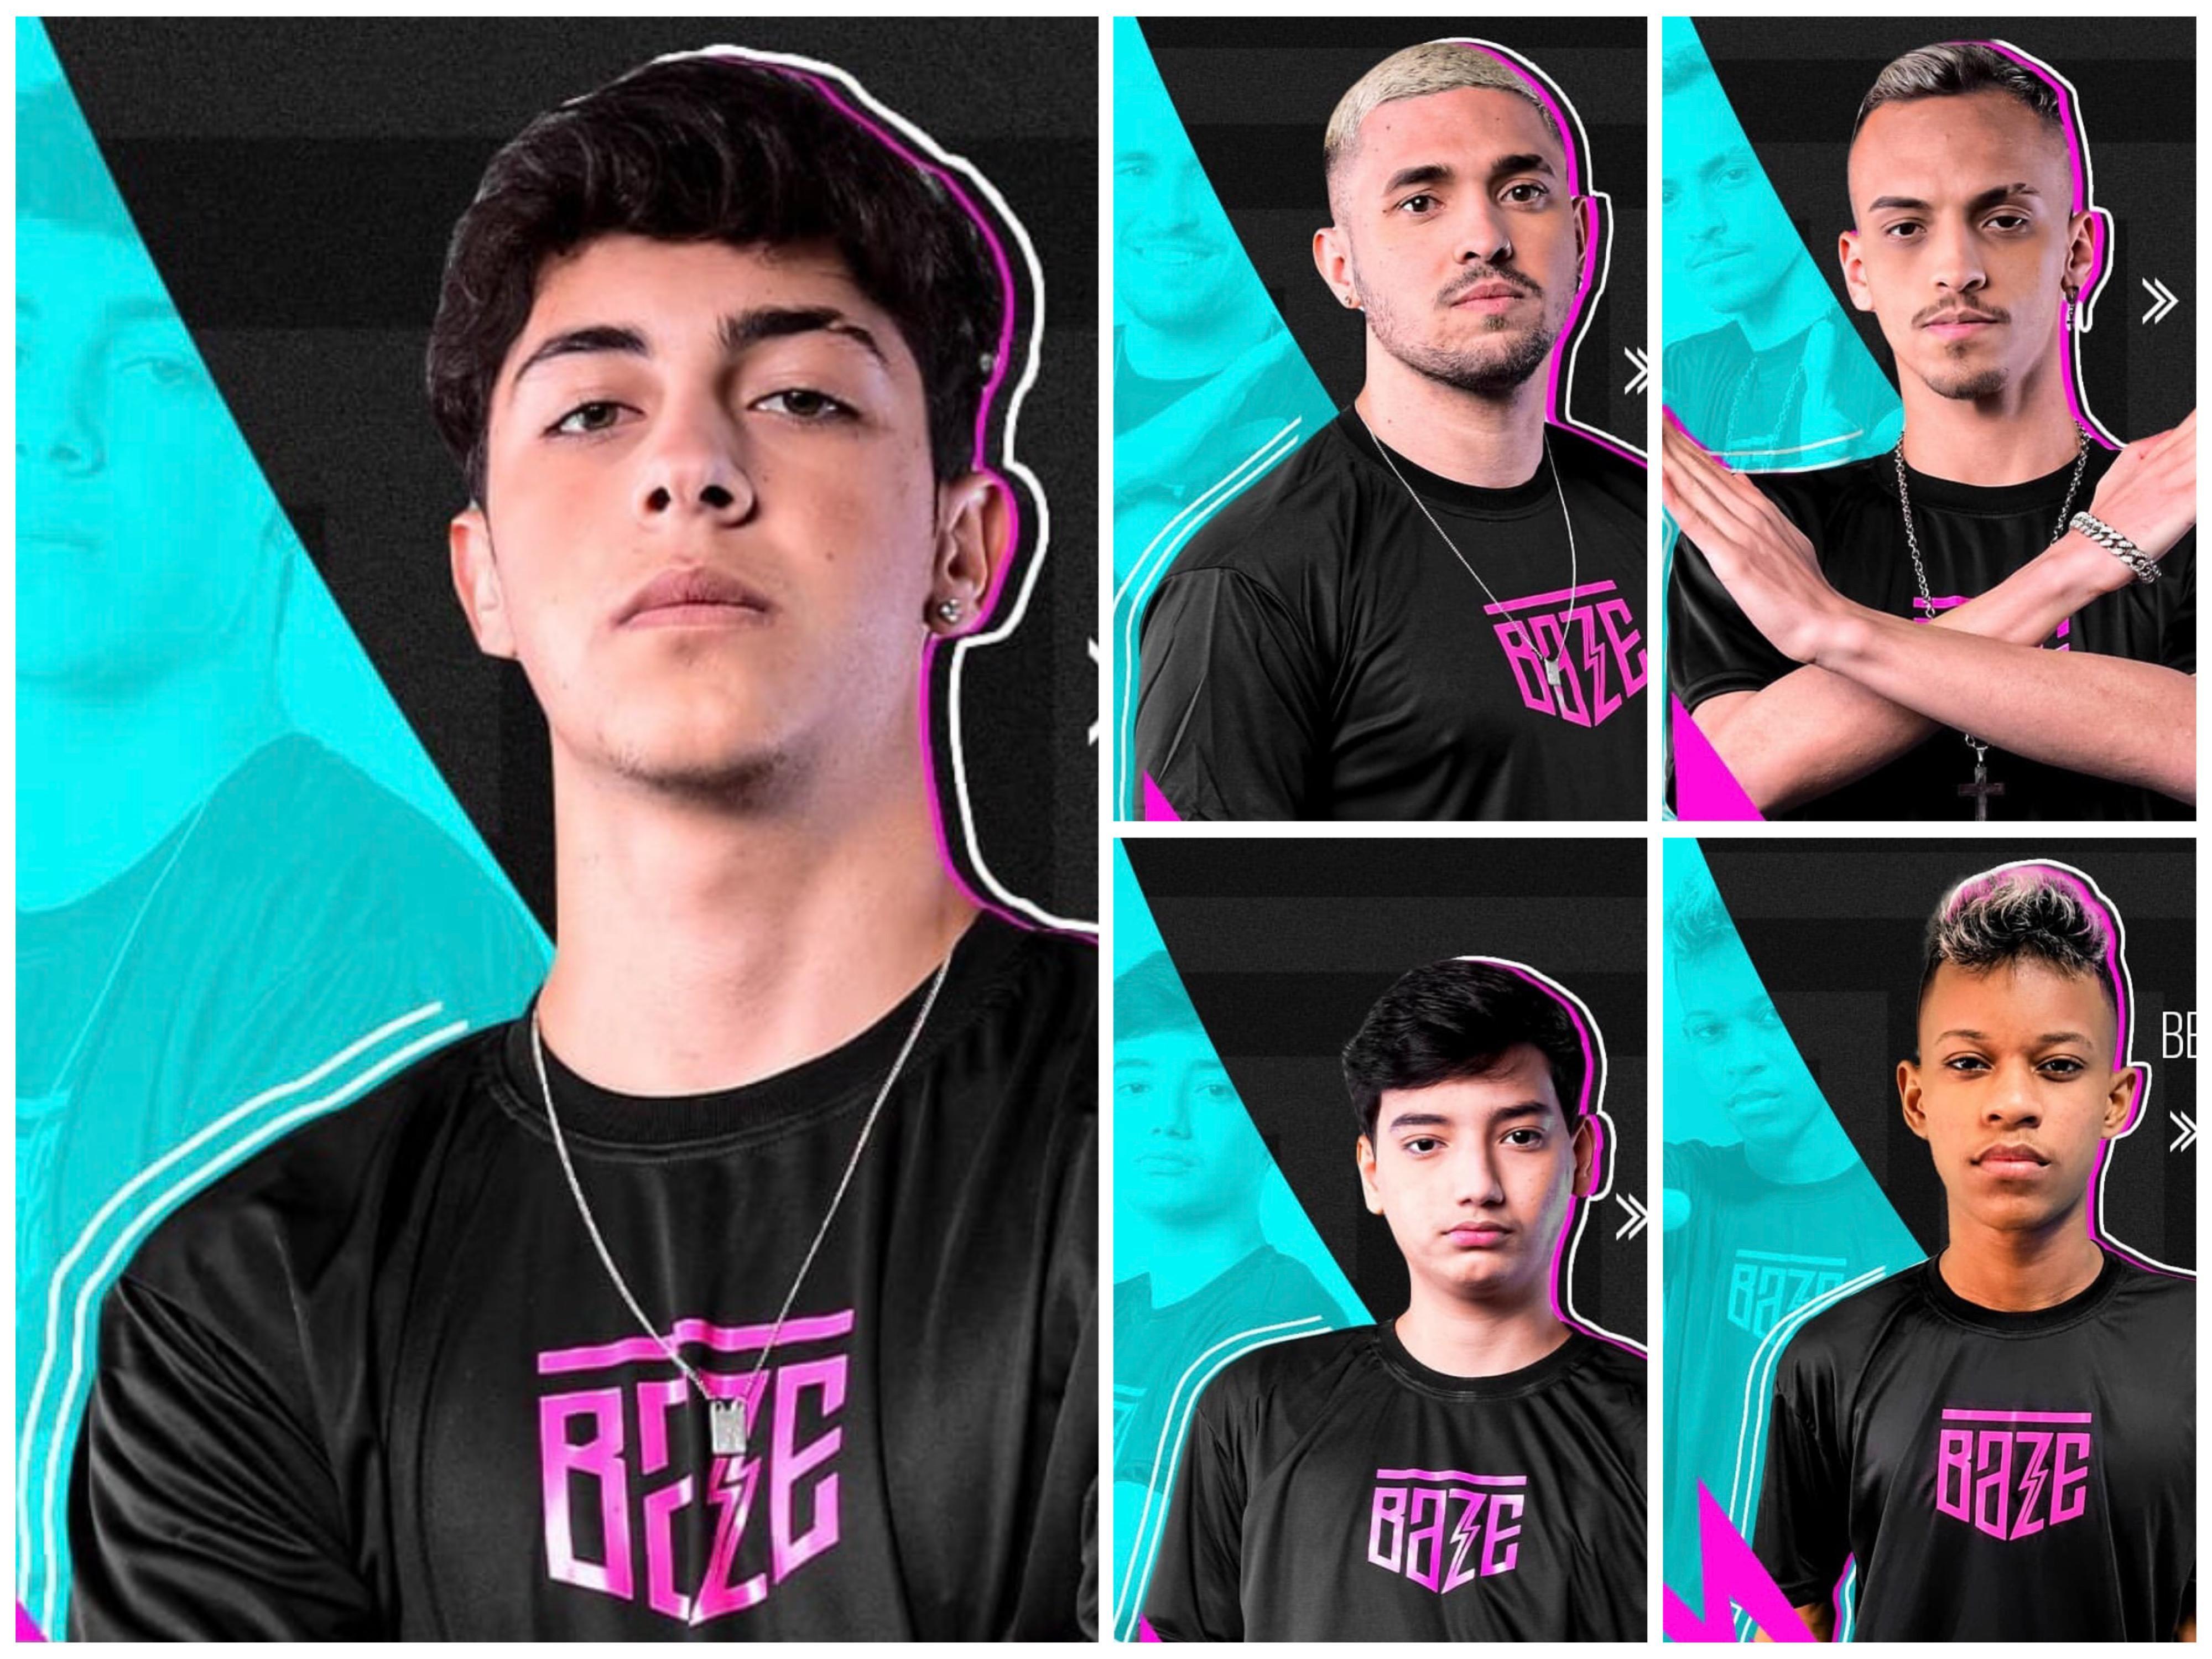 Jogadores da equipe Baze